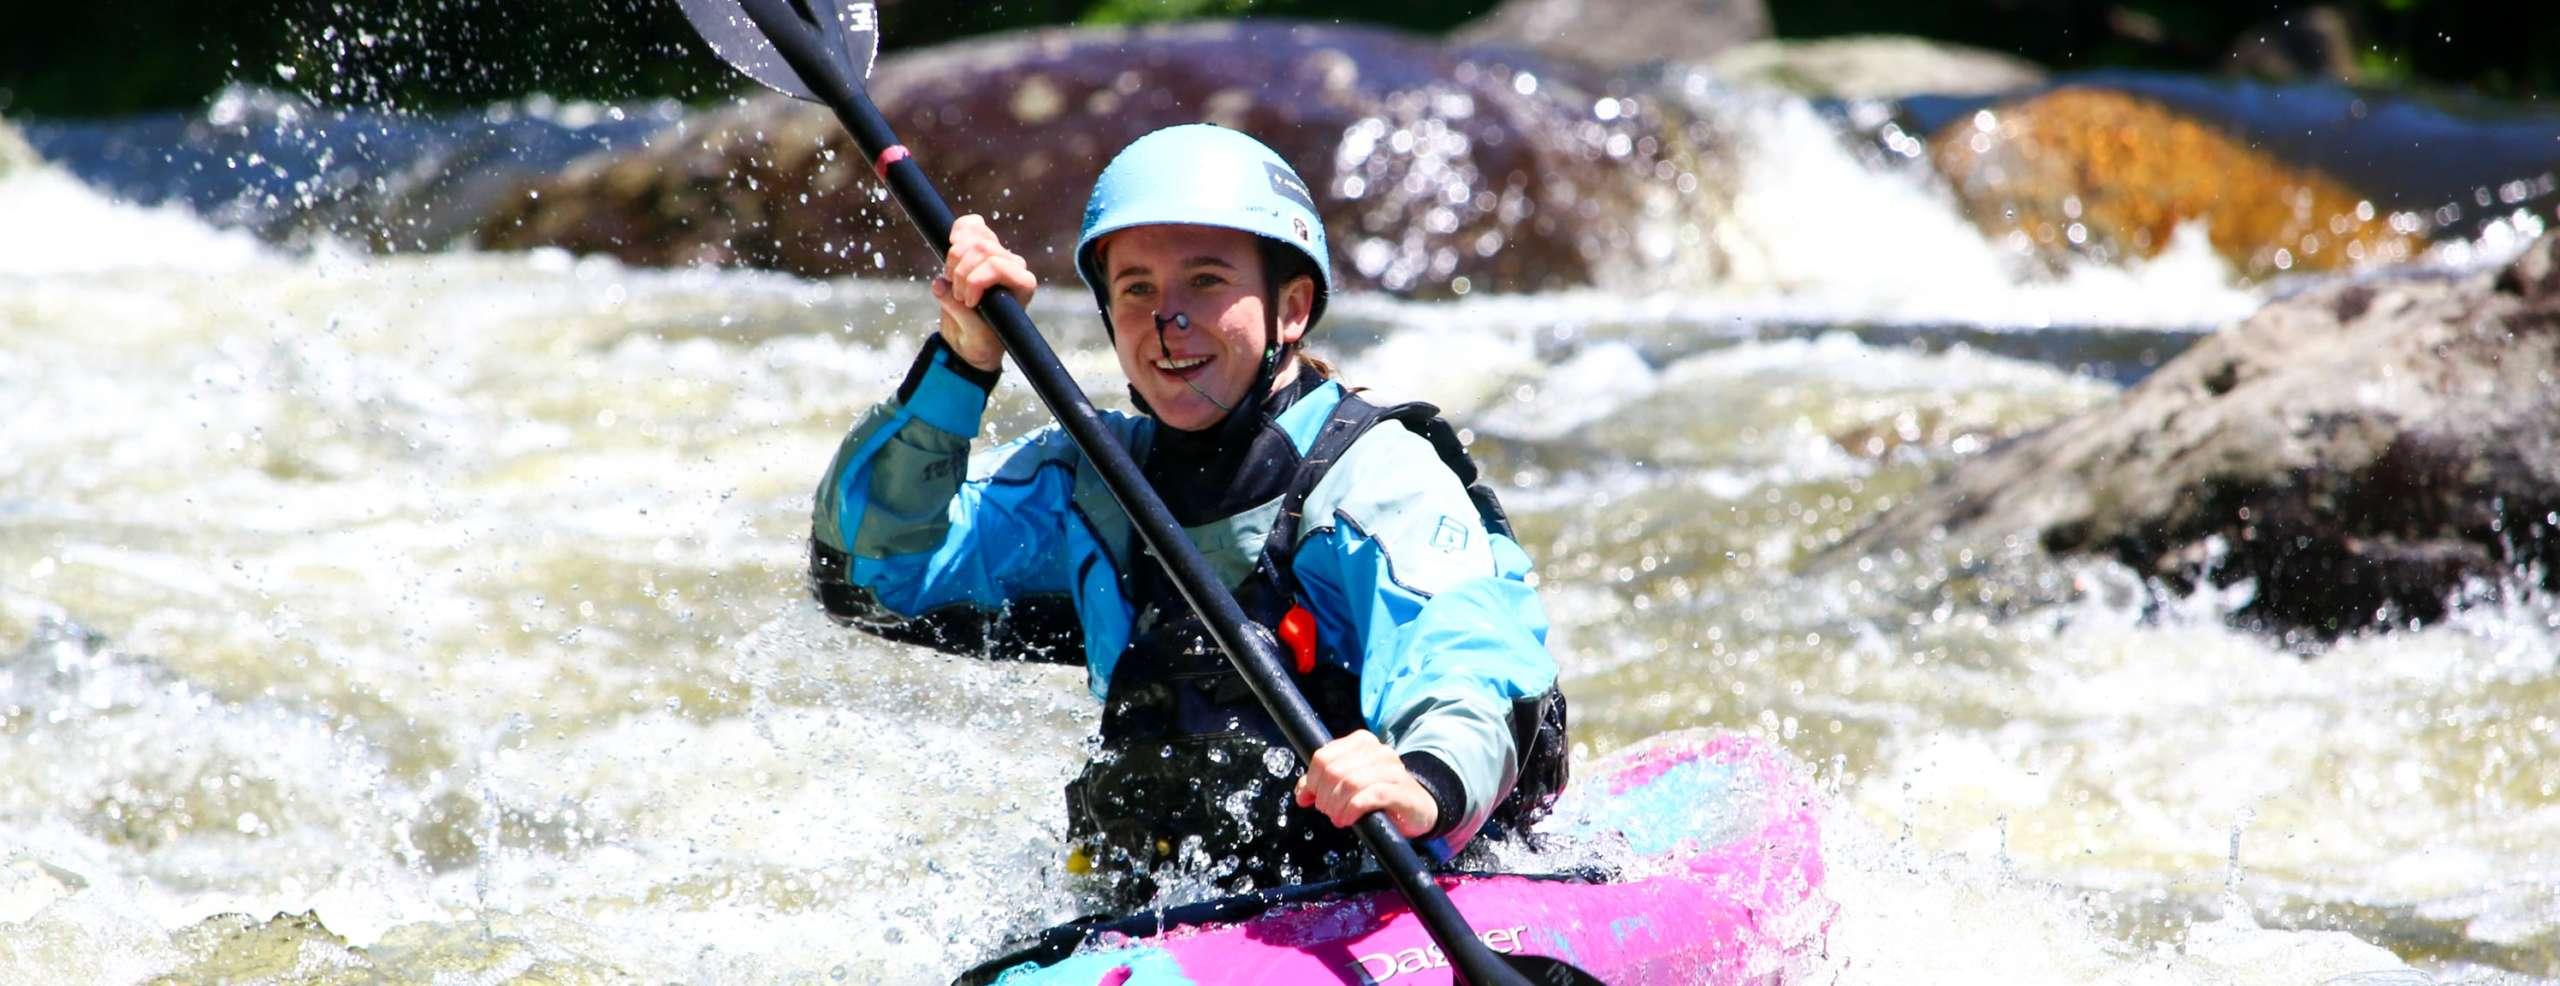 Woman kayaking rapids